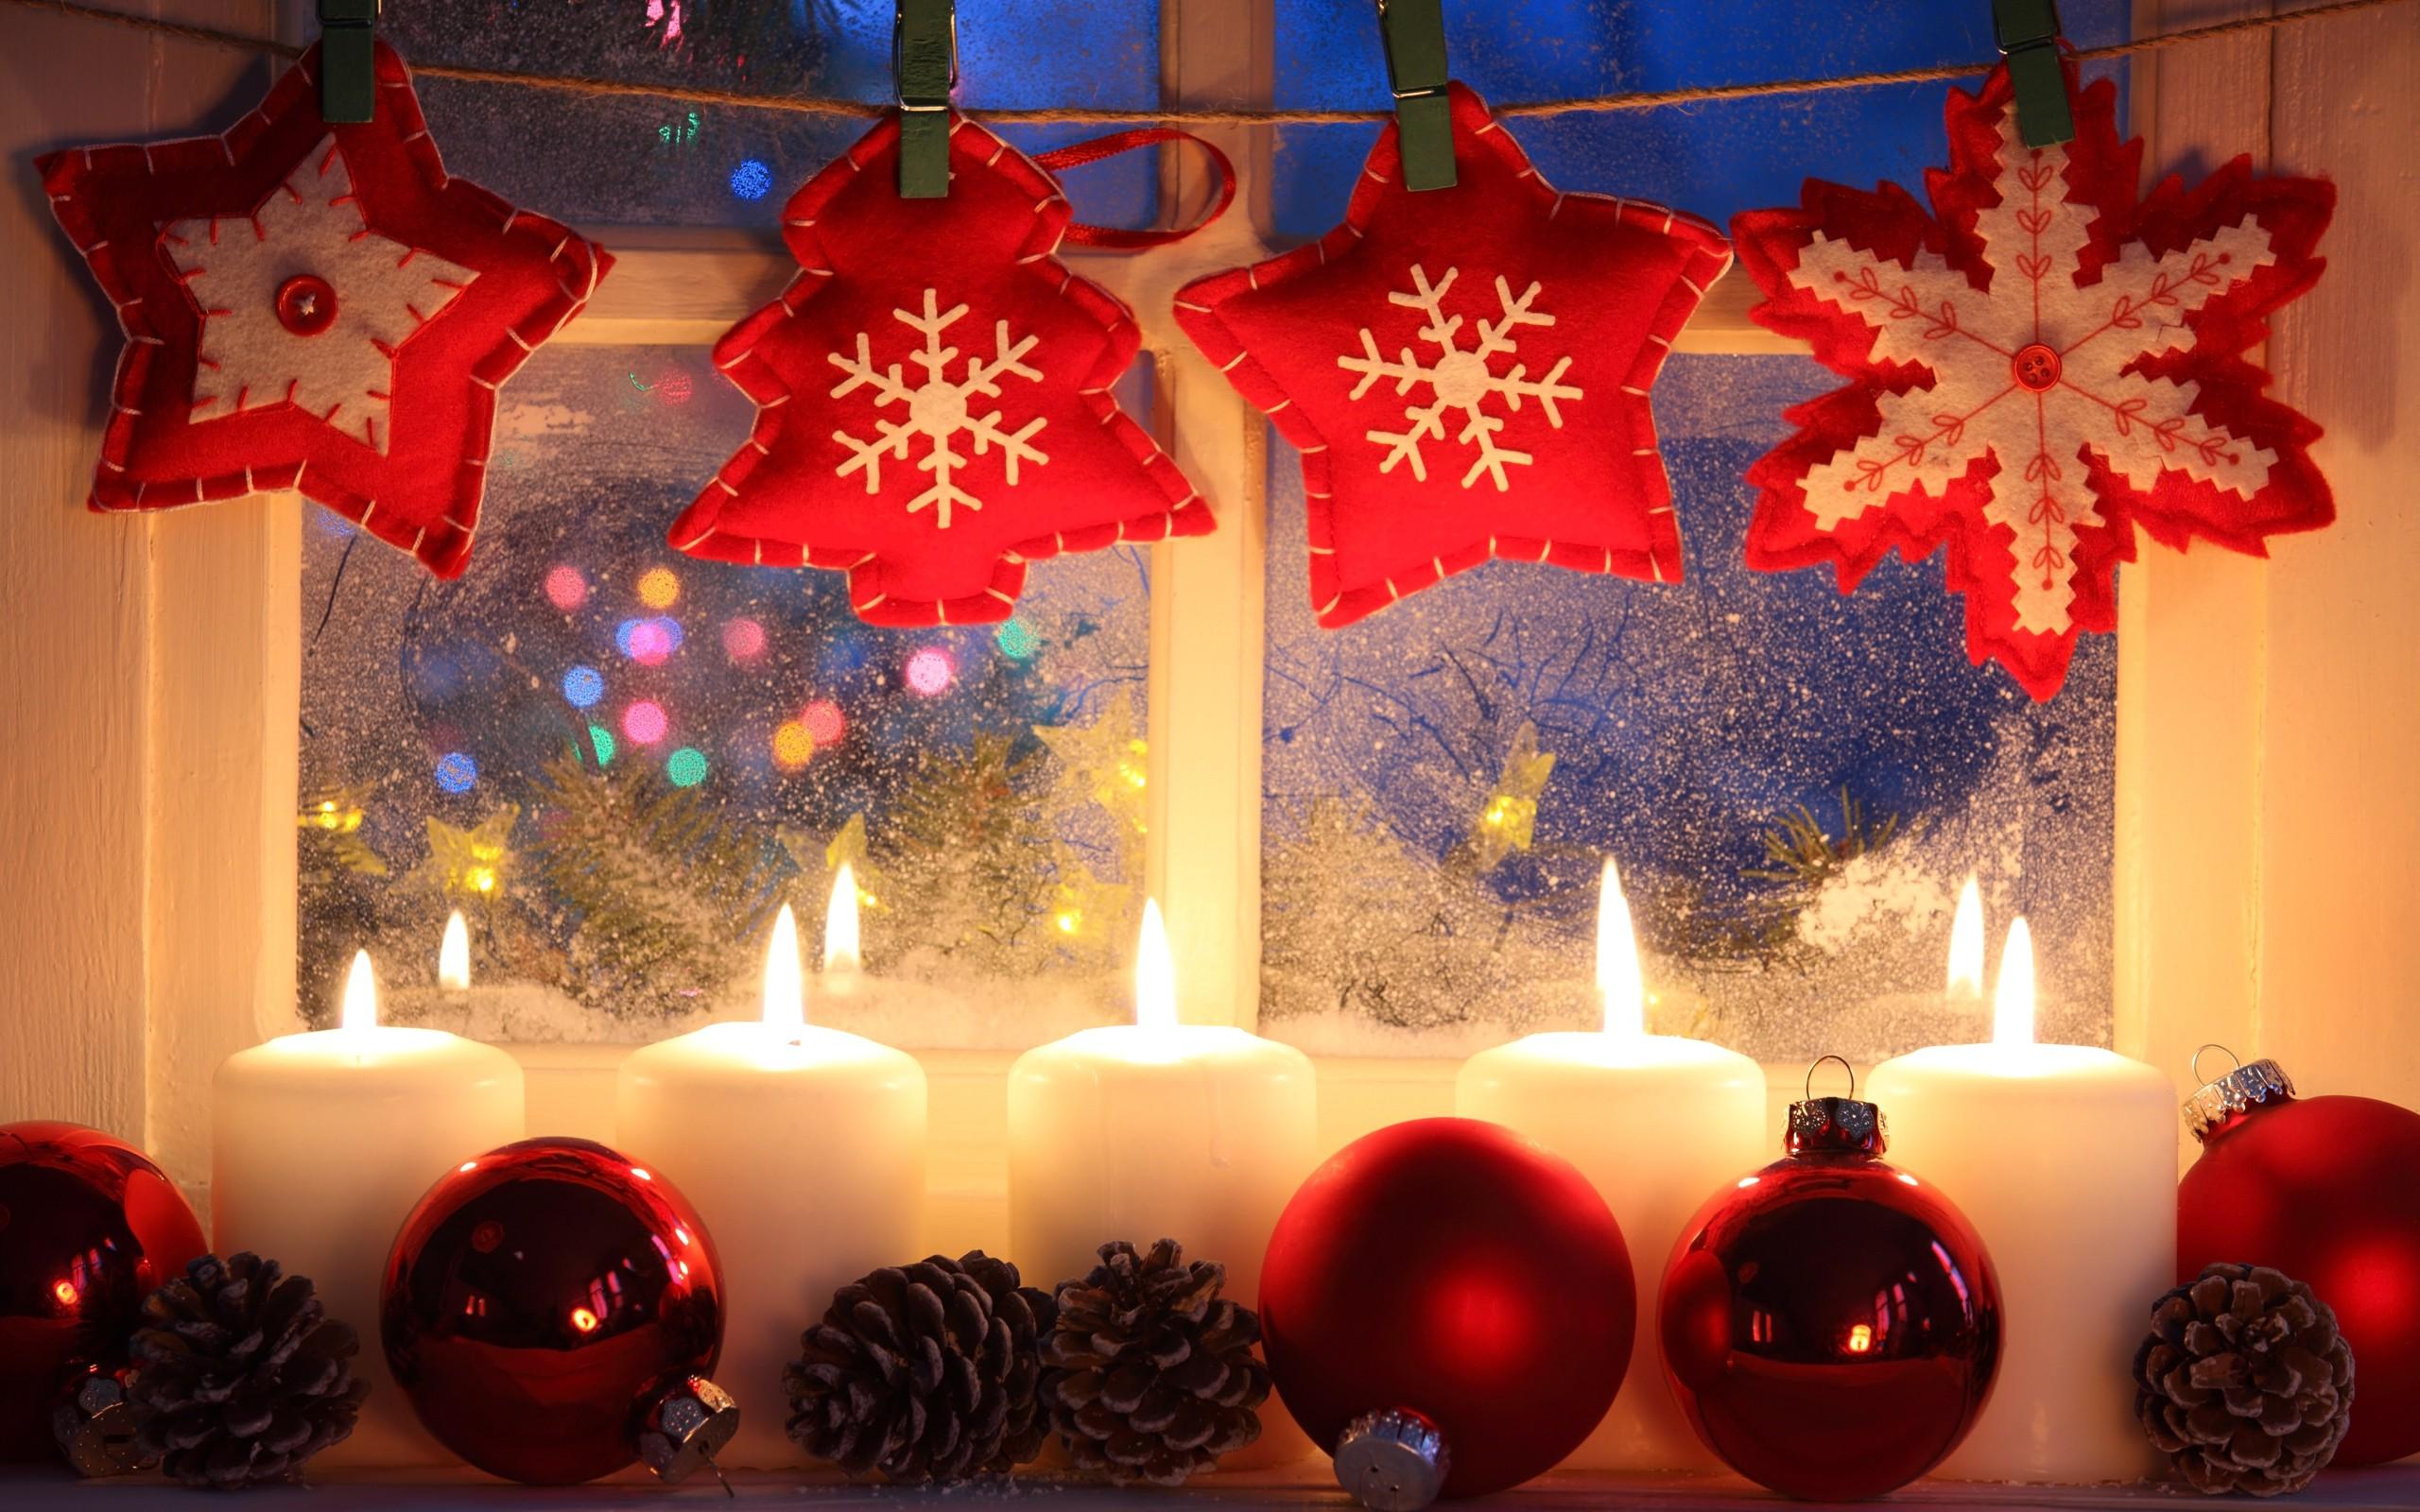 Weihnachtsbeleuchtung Kegel.Hintergrundbilder Fenster Kerzen Weihnachtsschmuck Weihnachten